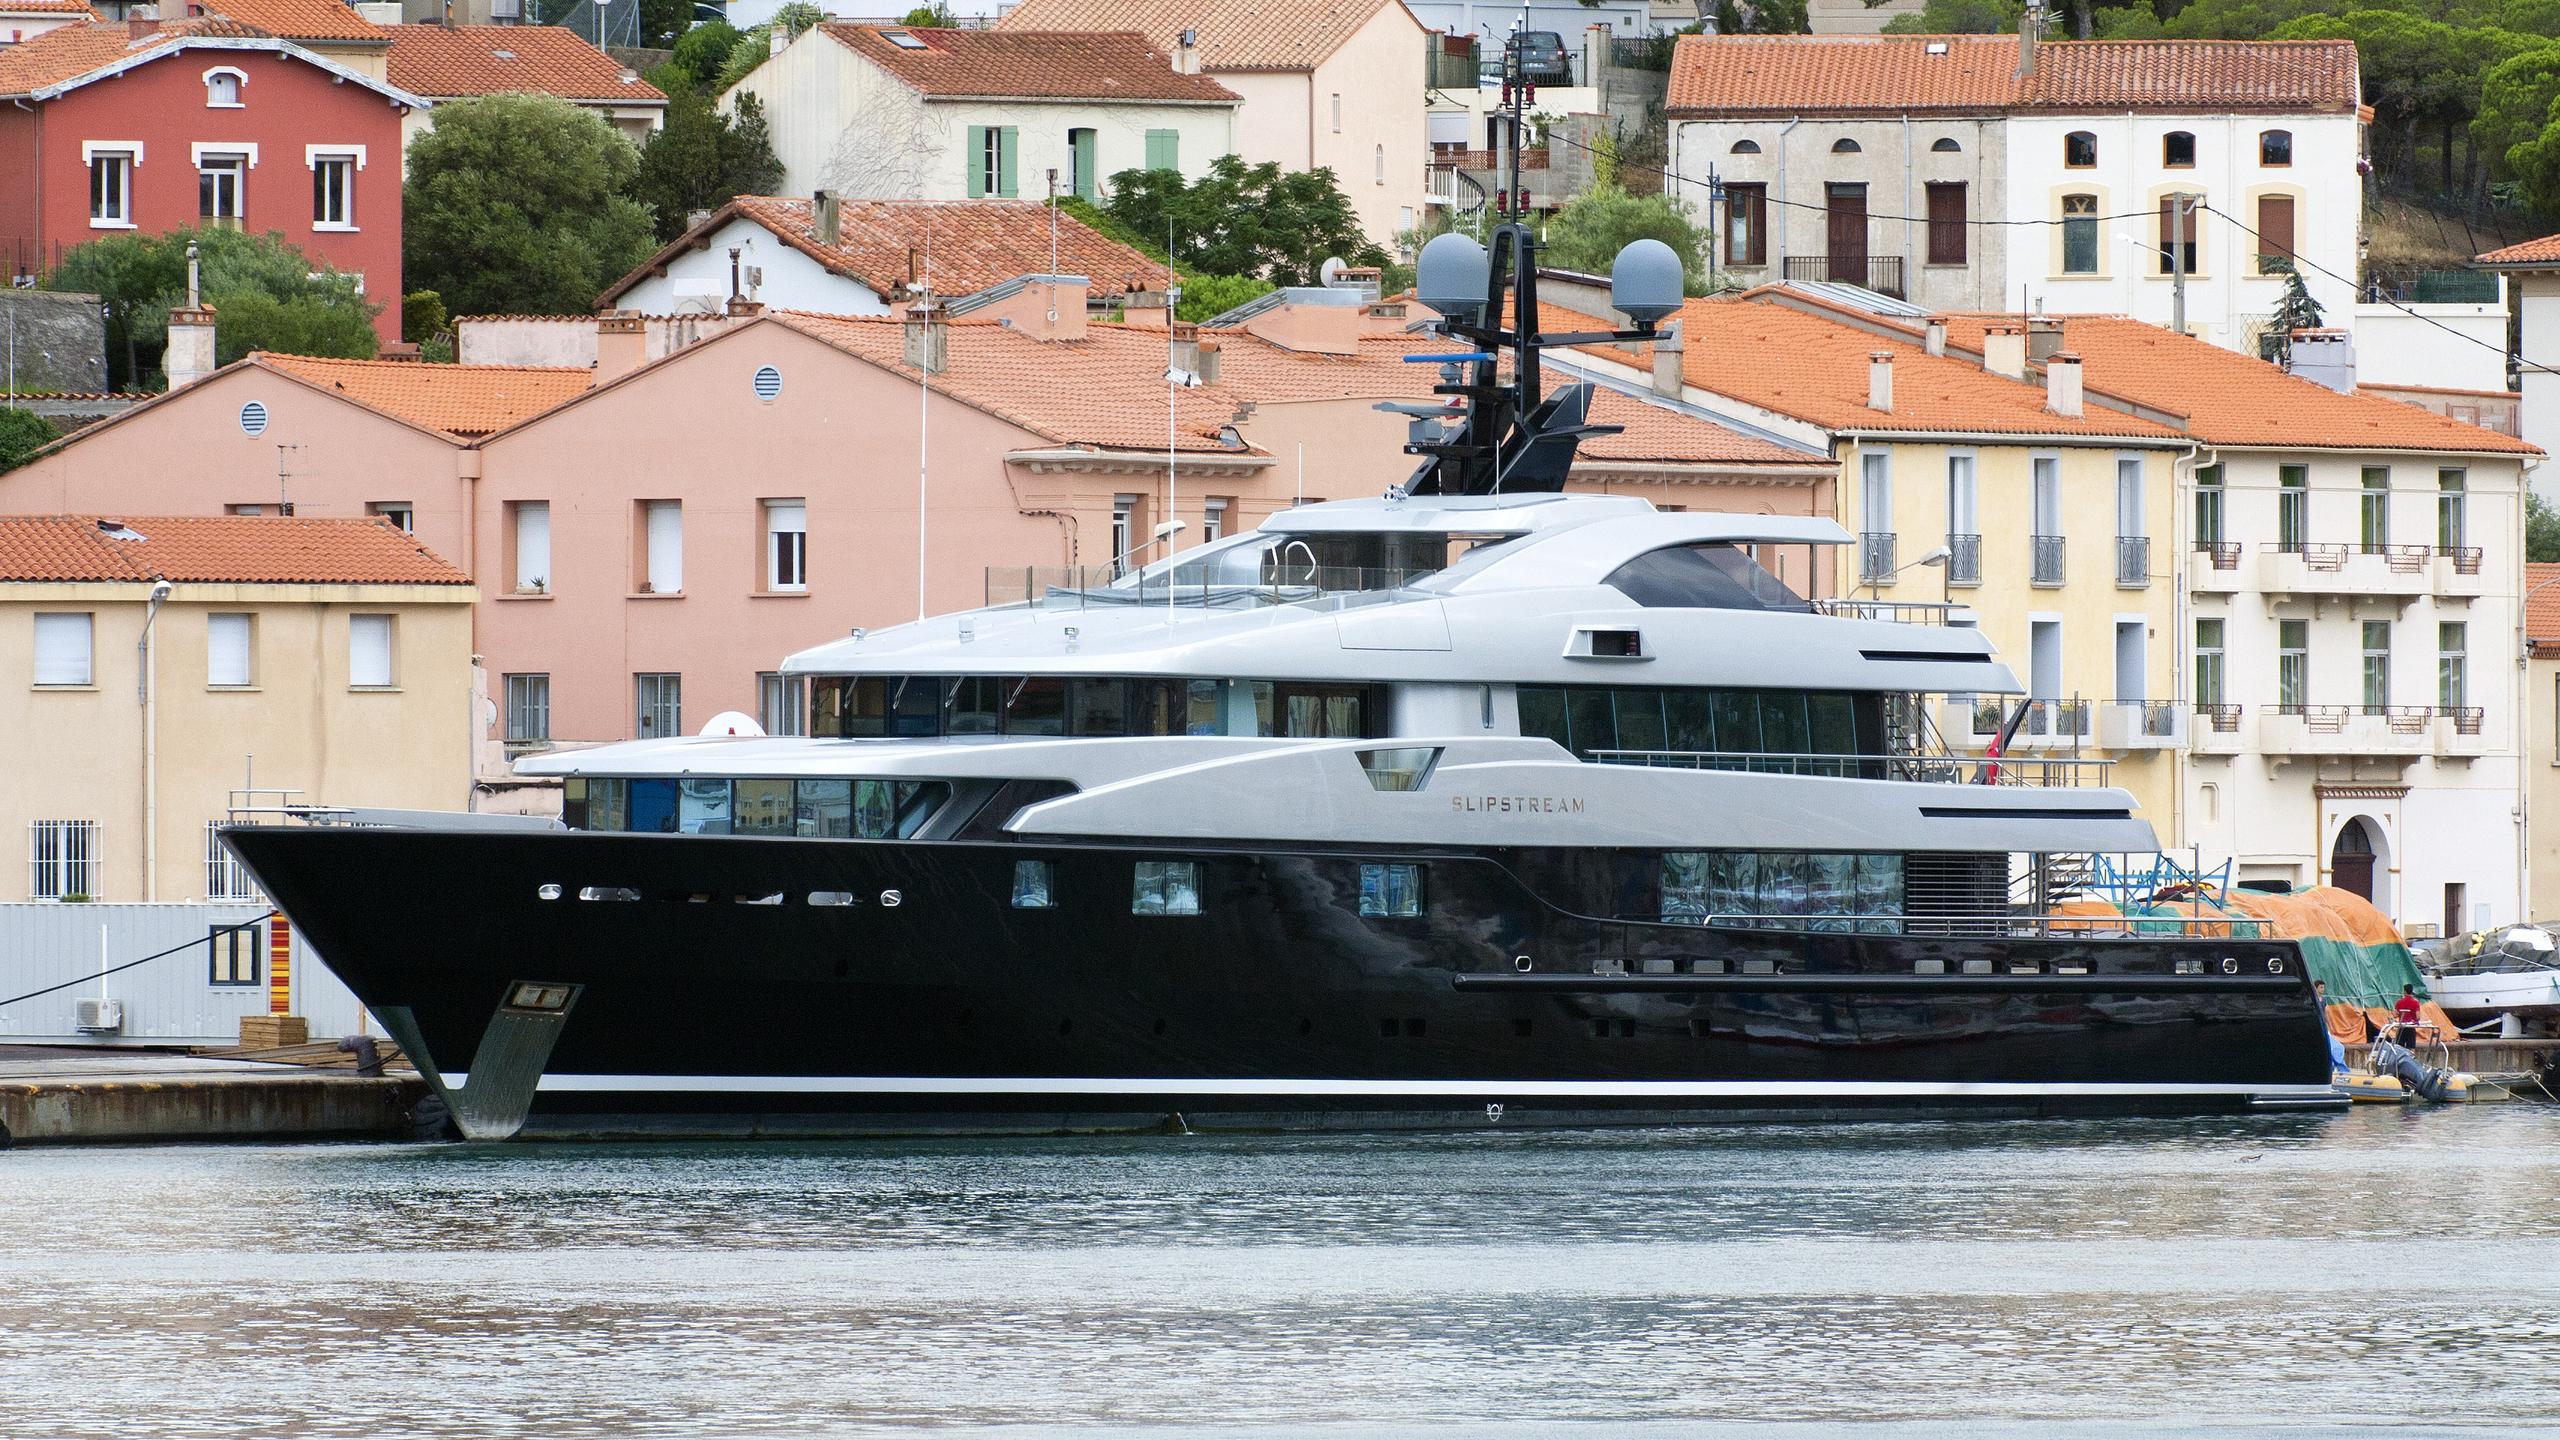 slipstream-moto-yacht-cmn-2009-60m-cruising